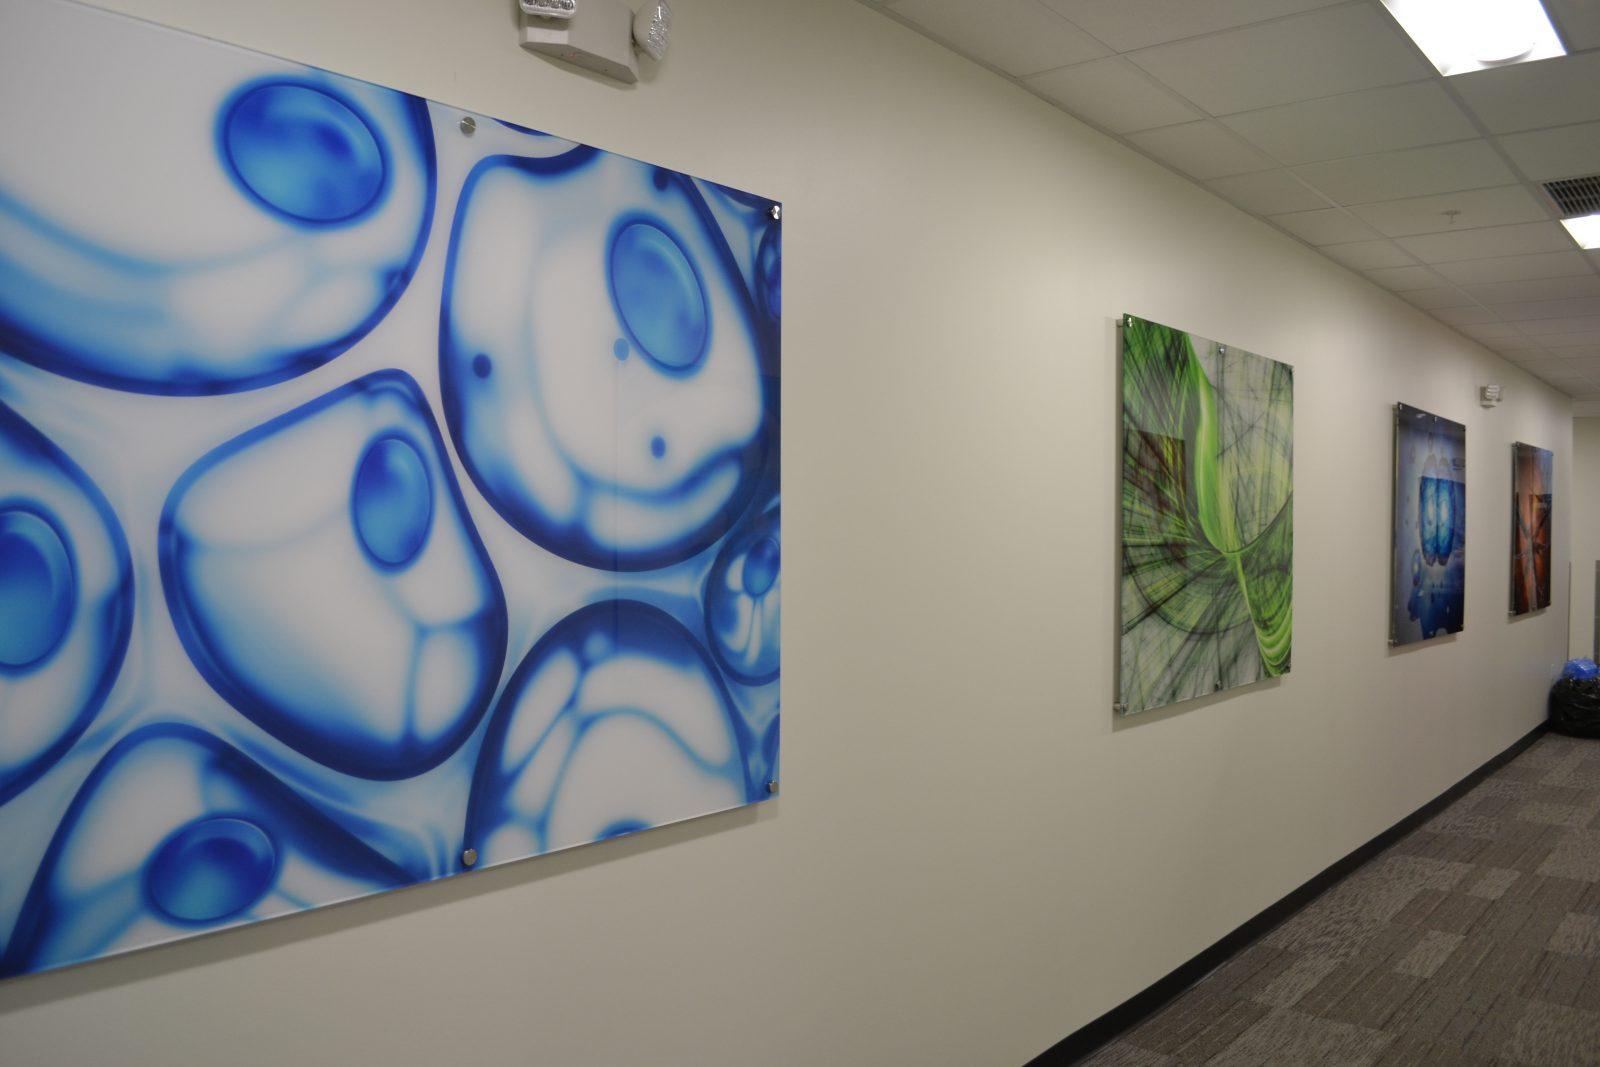 artwork in a hallway